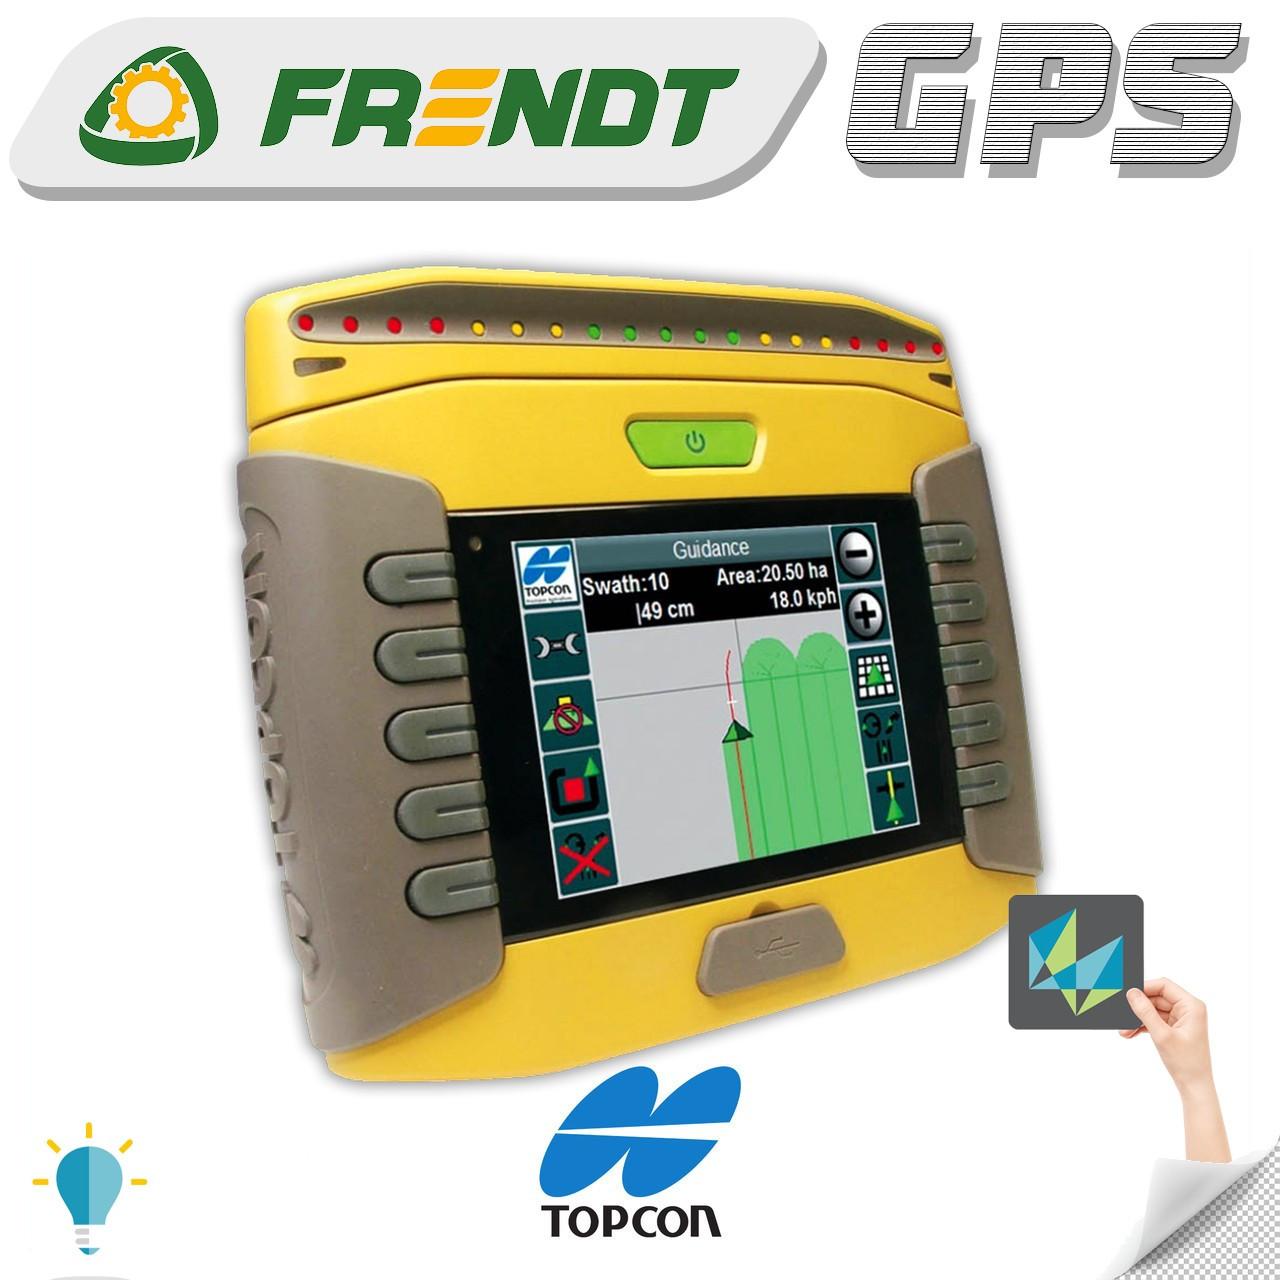 Gps навігатор для трактора (навігатор для поля, сільгосп навігатор) TOPCON GX45